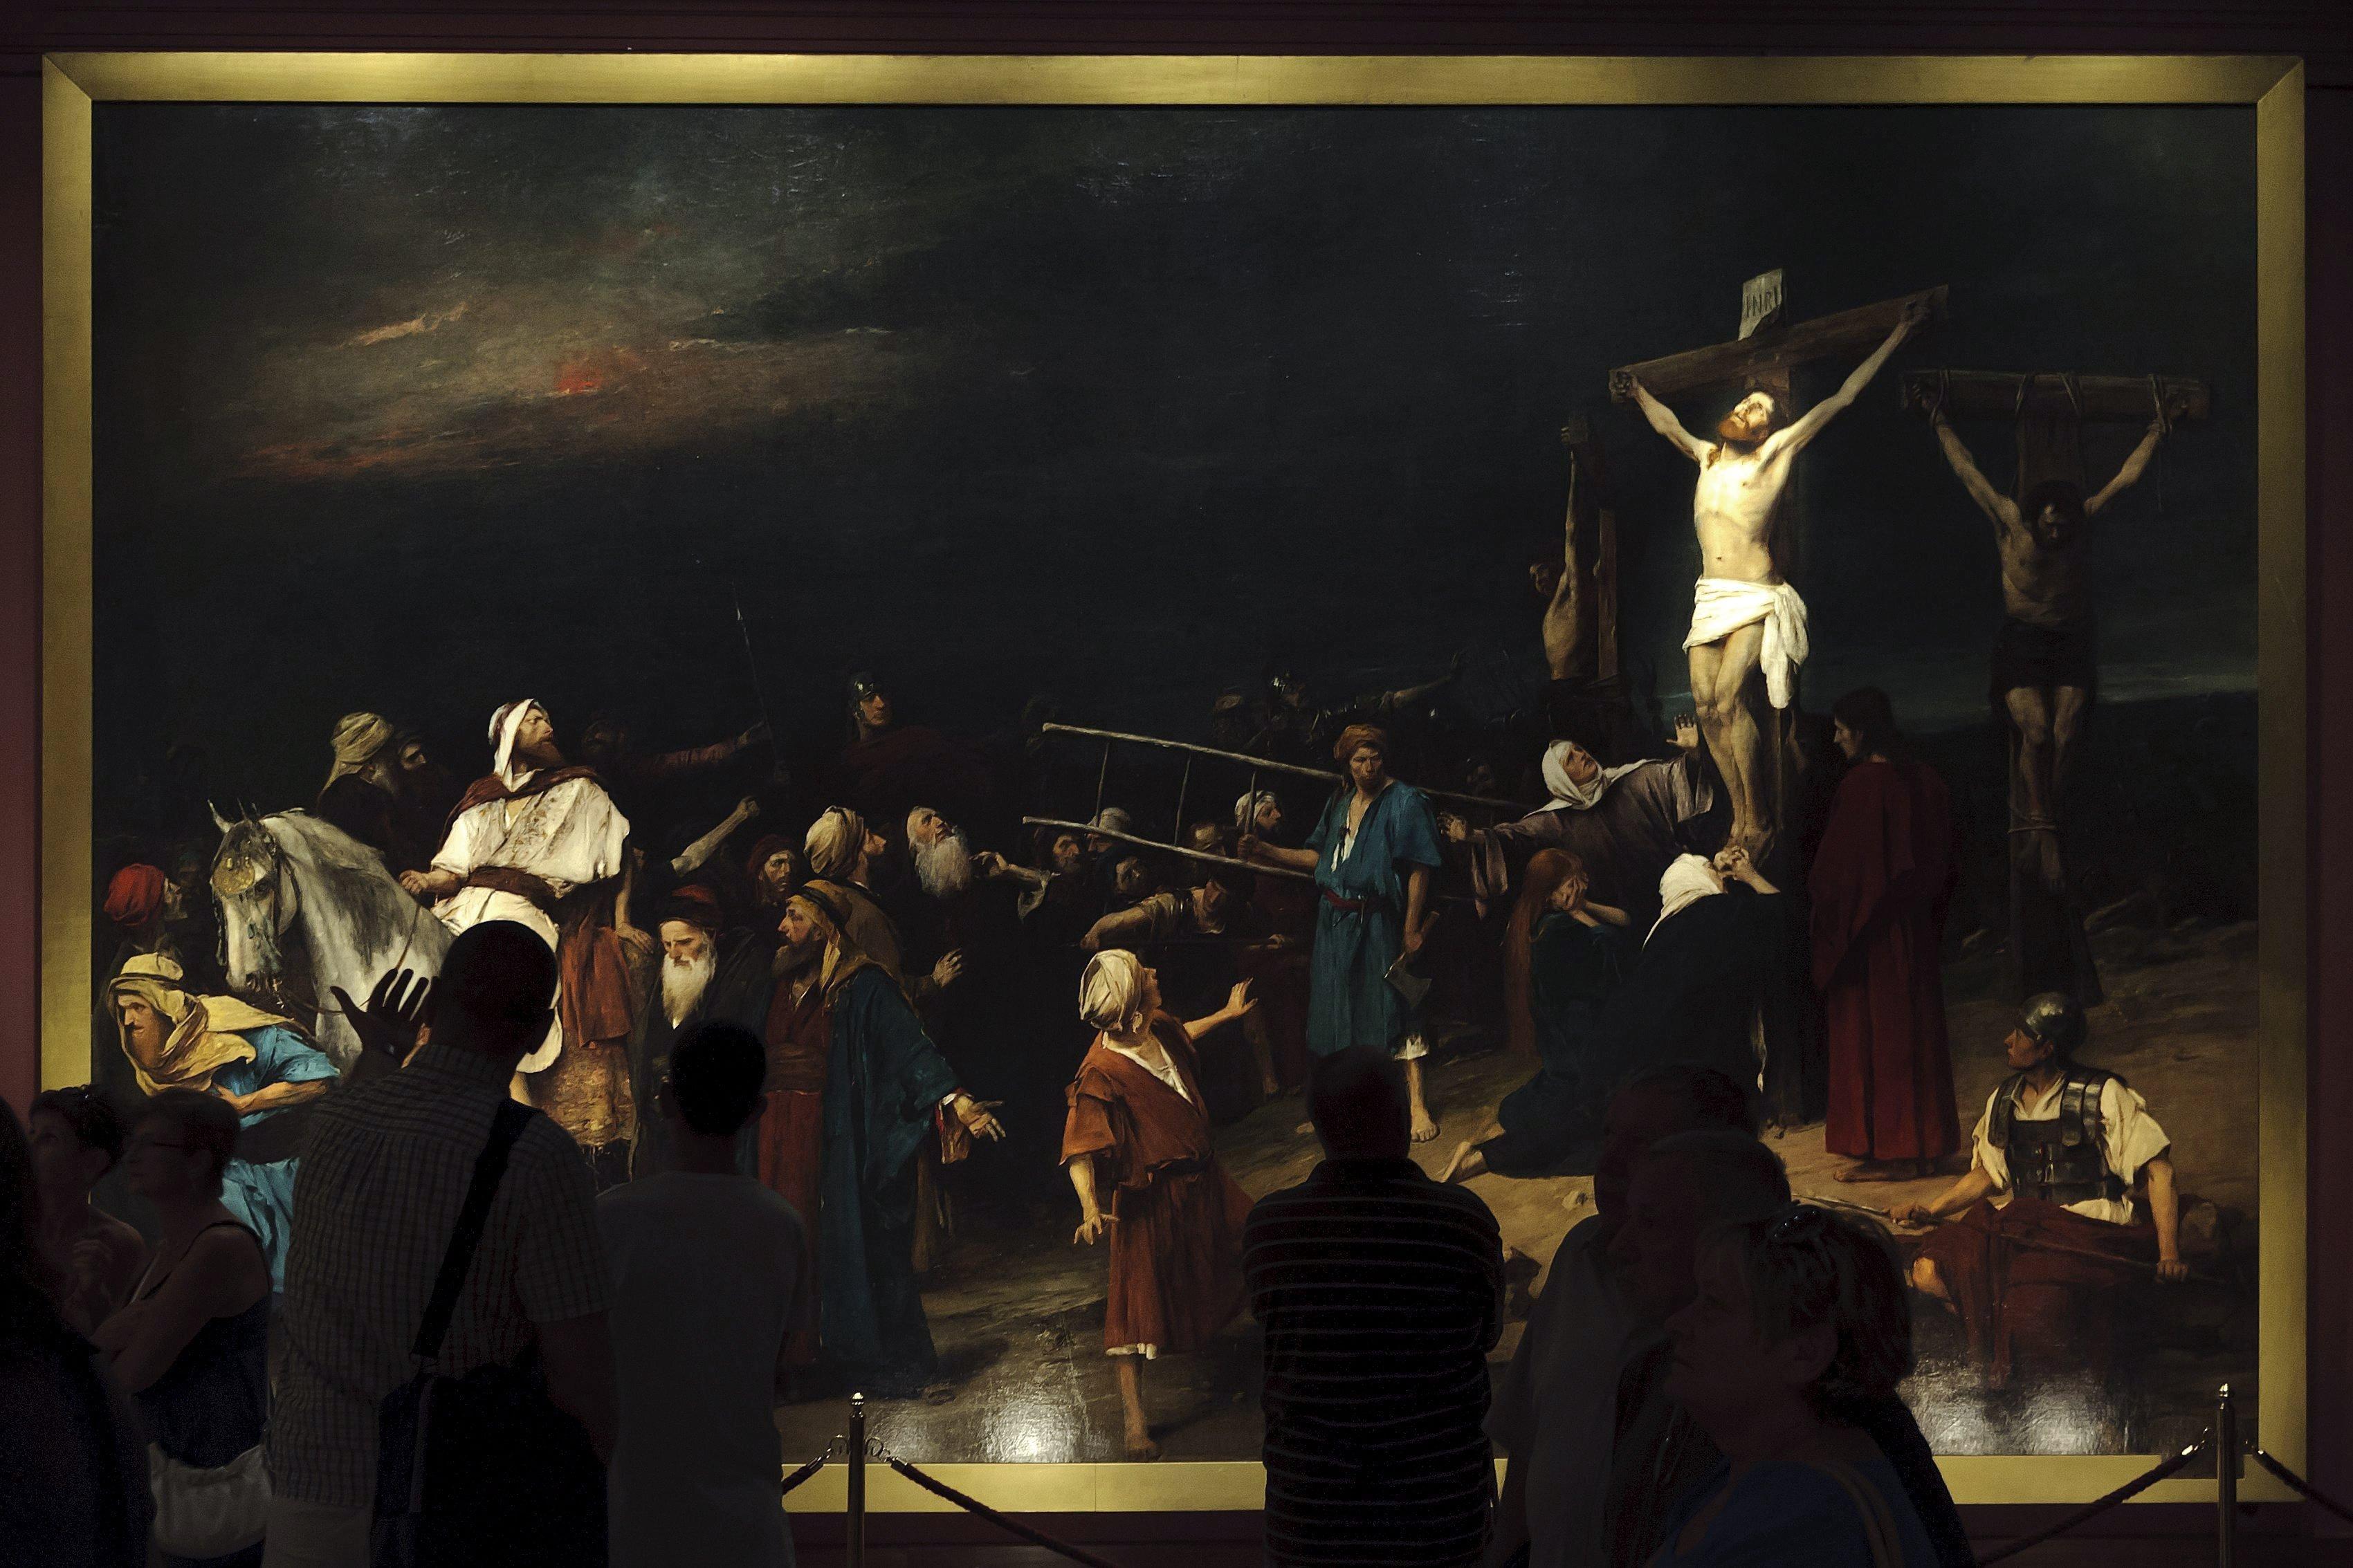 A kormány 3 milliárd forintért megvásárolta Munkácsy Mihály Golgota című festményét